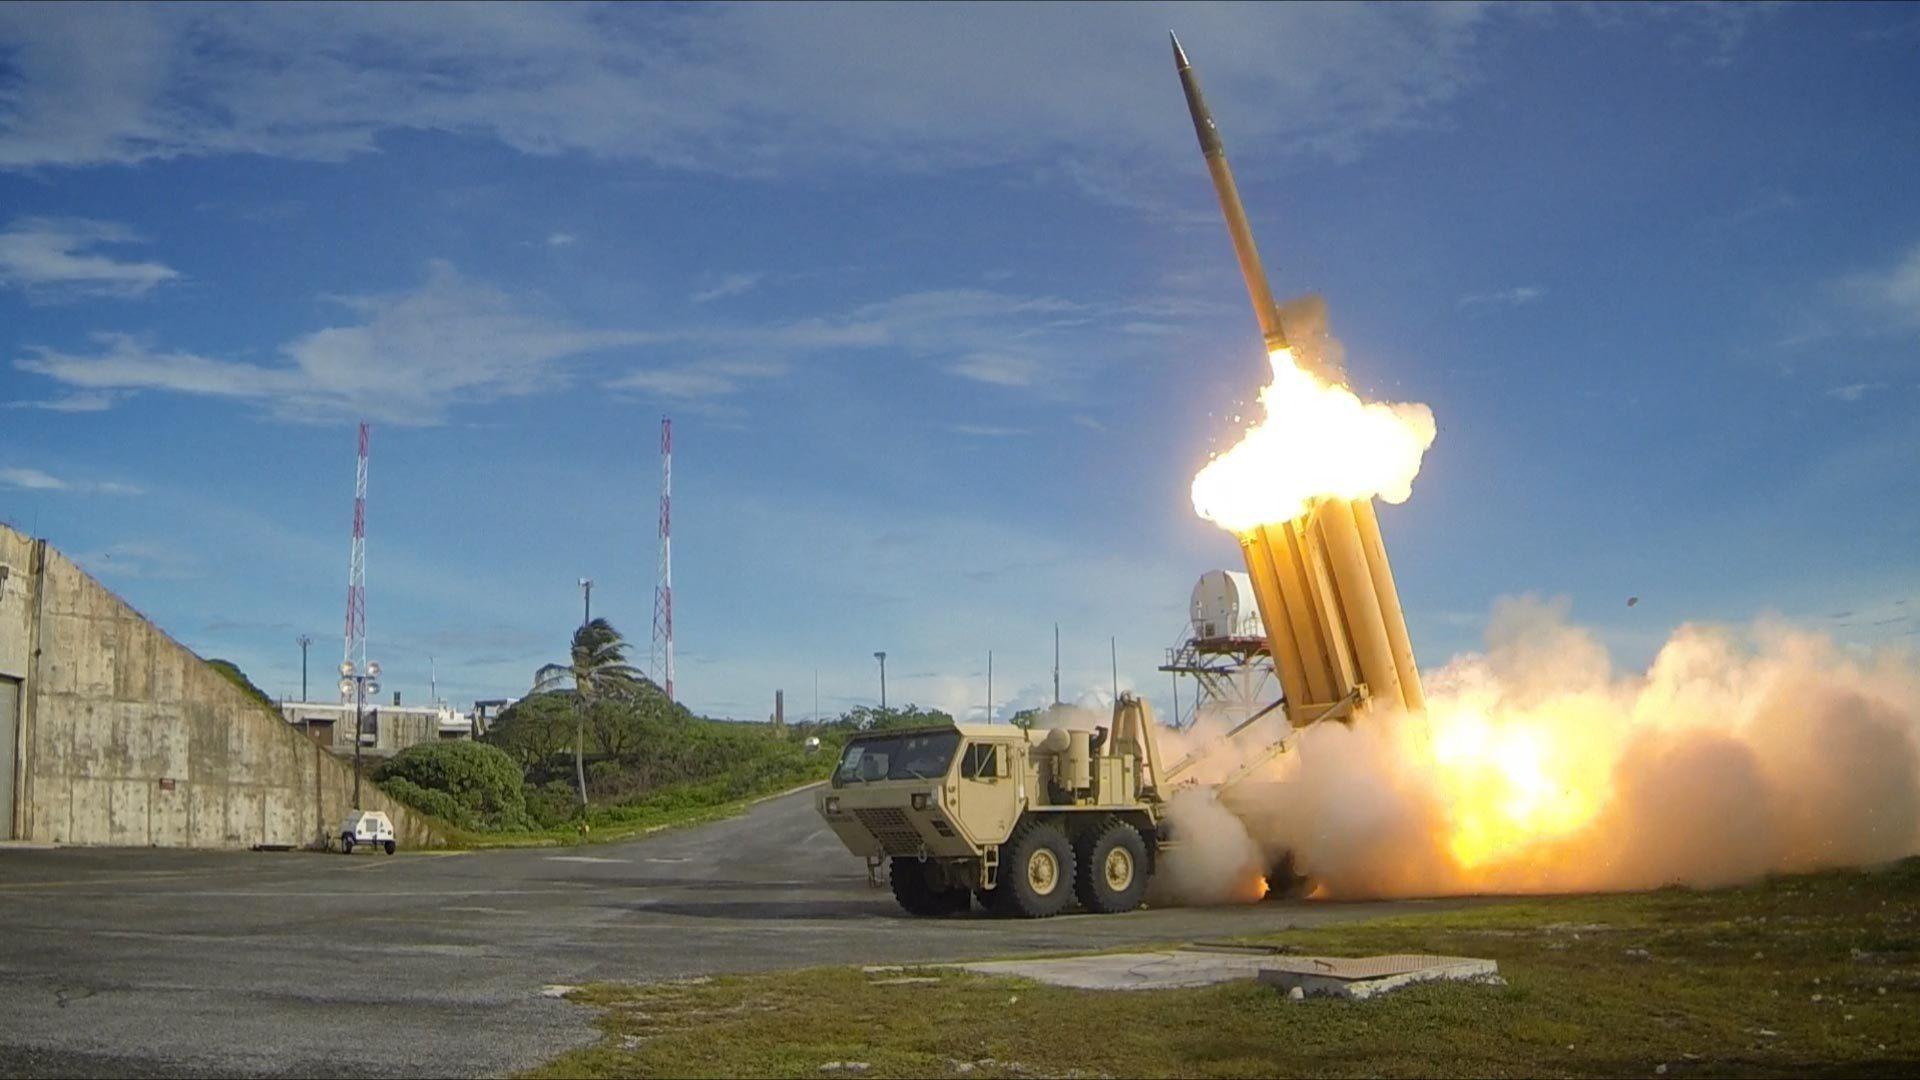 Tuy vậy, Mỹ vẫn có khả năng đánh chặn tên lửa đạn đạo Sarmat nhờ hệ thống phòng thủ THAAD